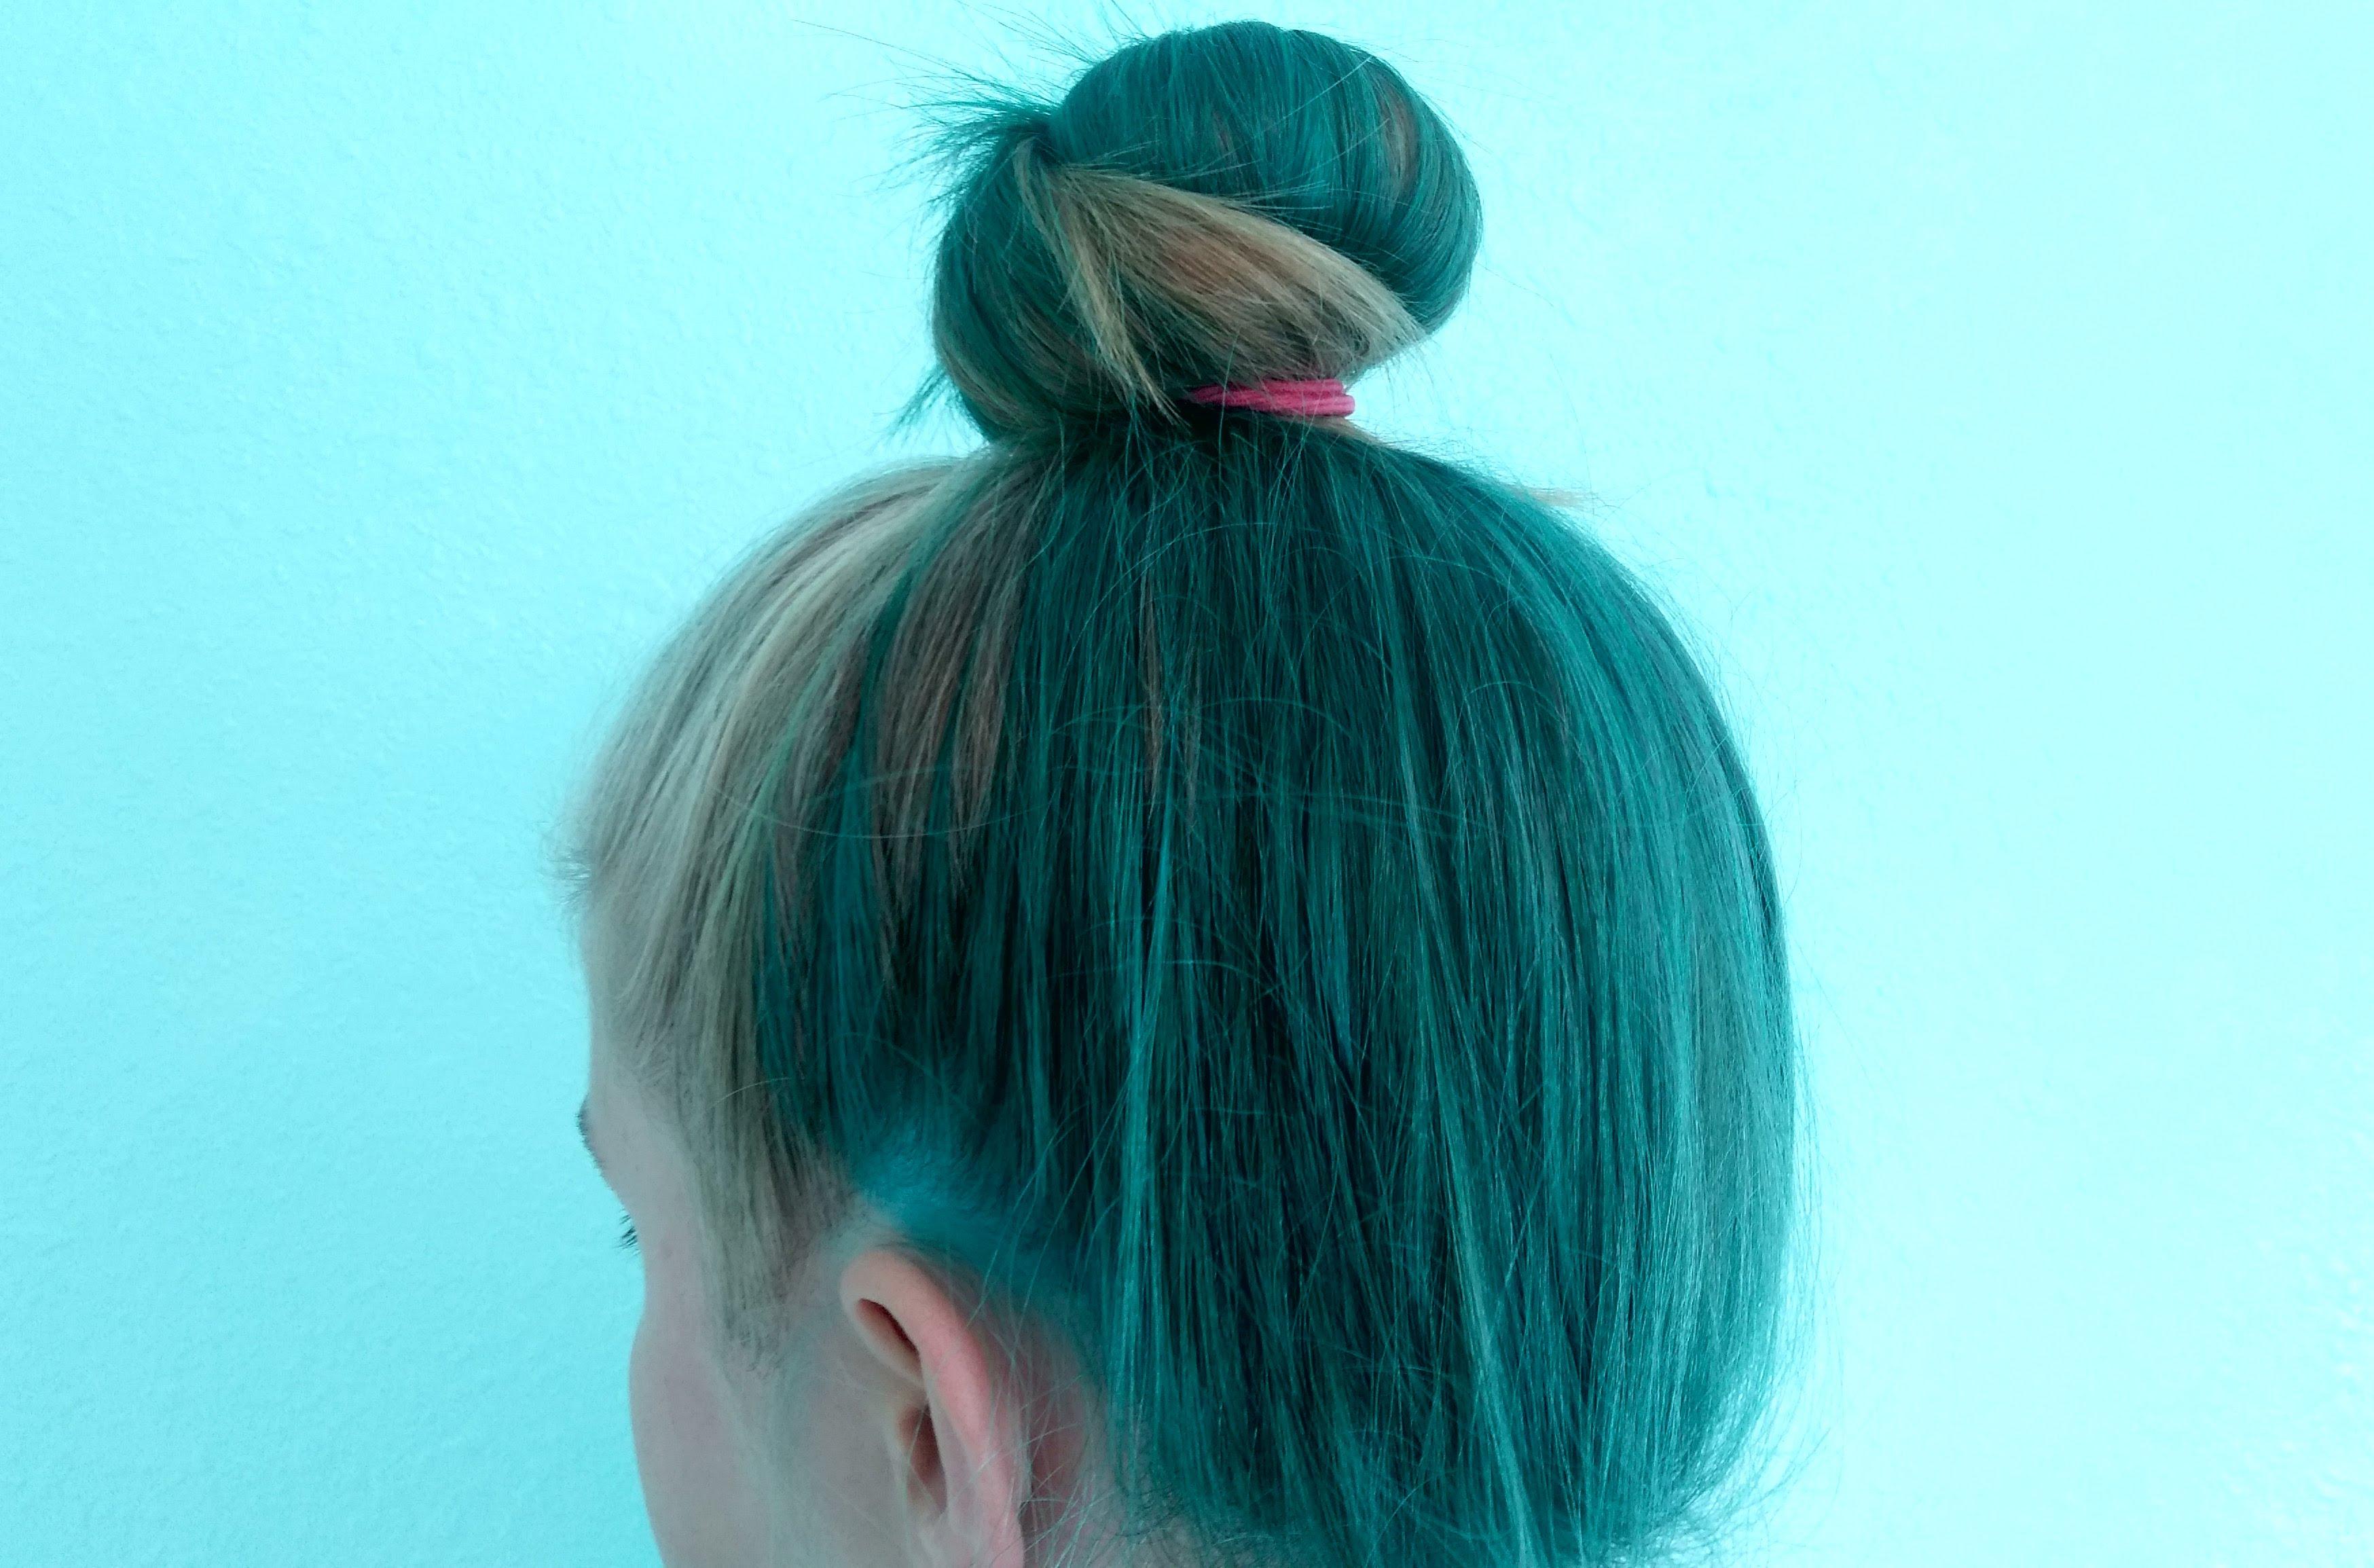 capelli turchesi a chi stanno bene